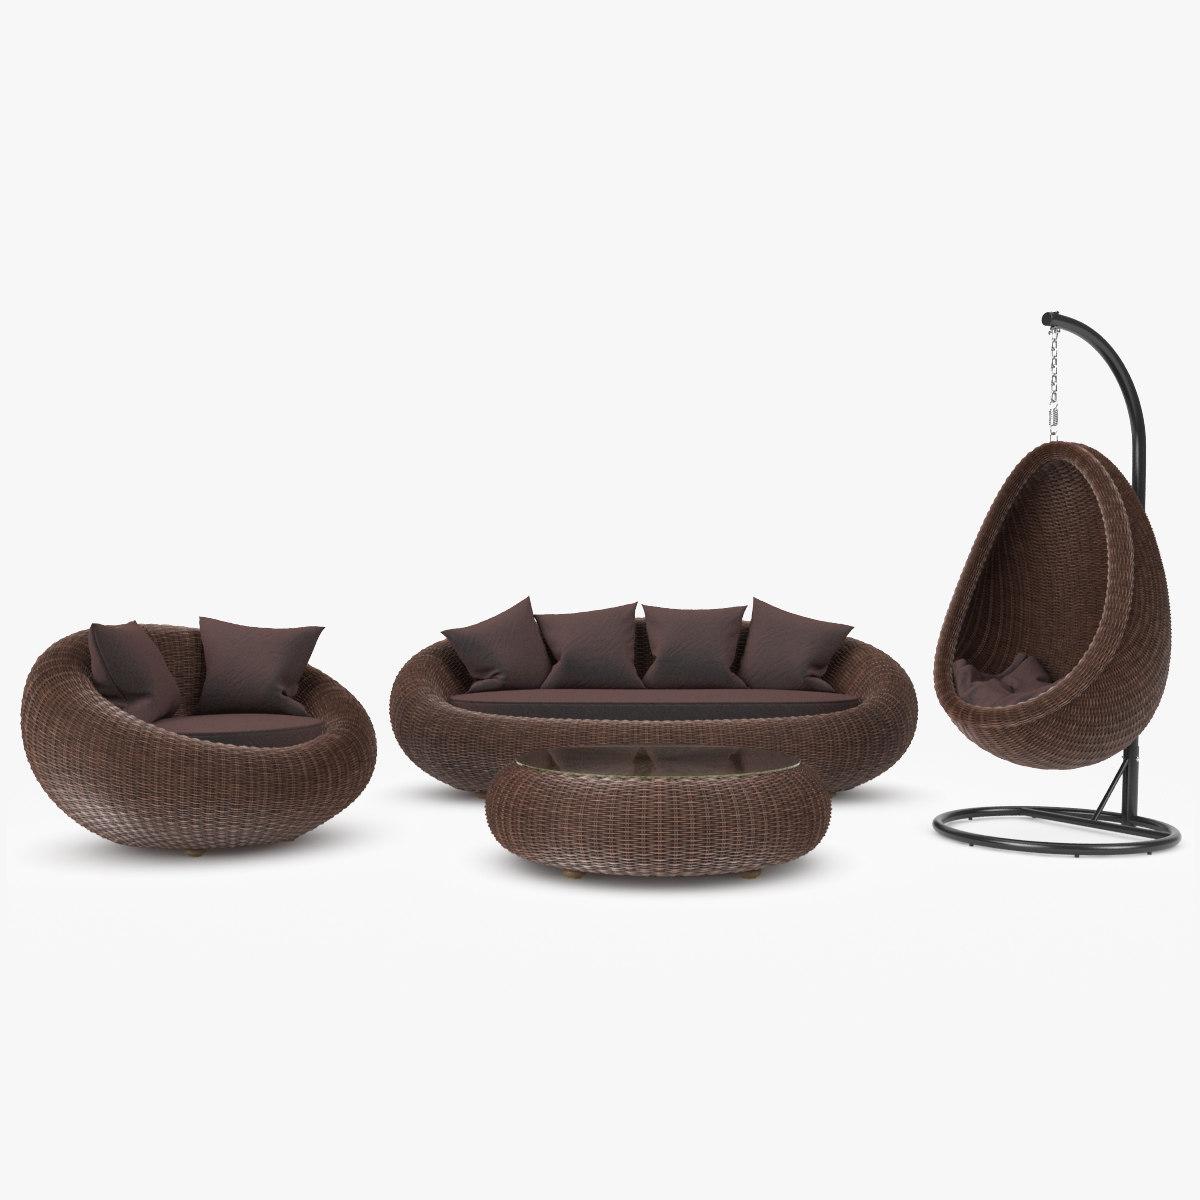 Rattan_Furniture_Kiwi_Light_00071.jpg